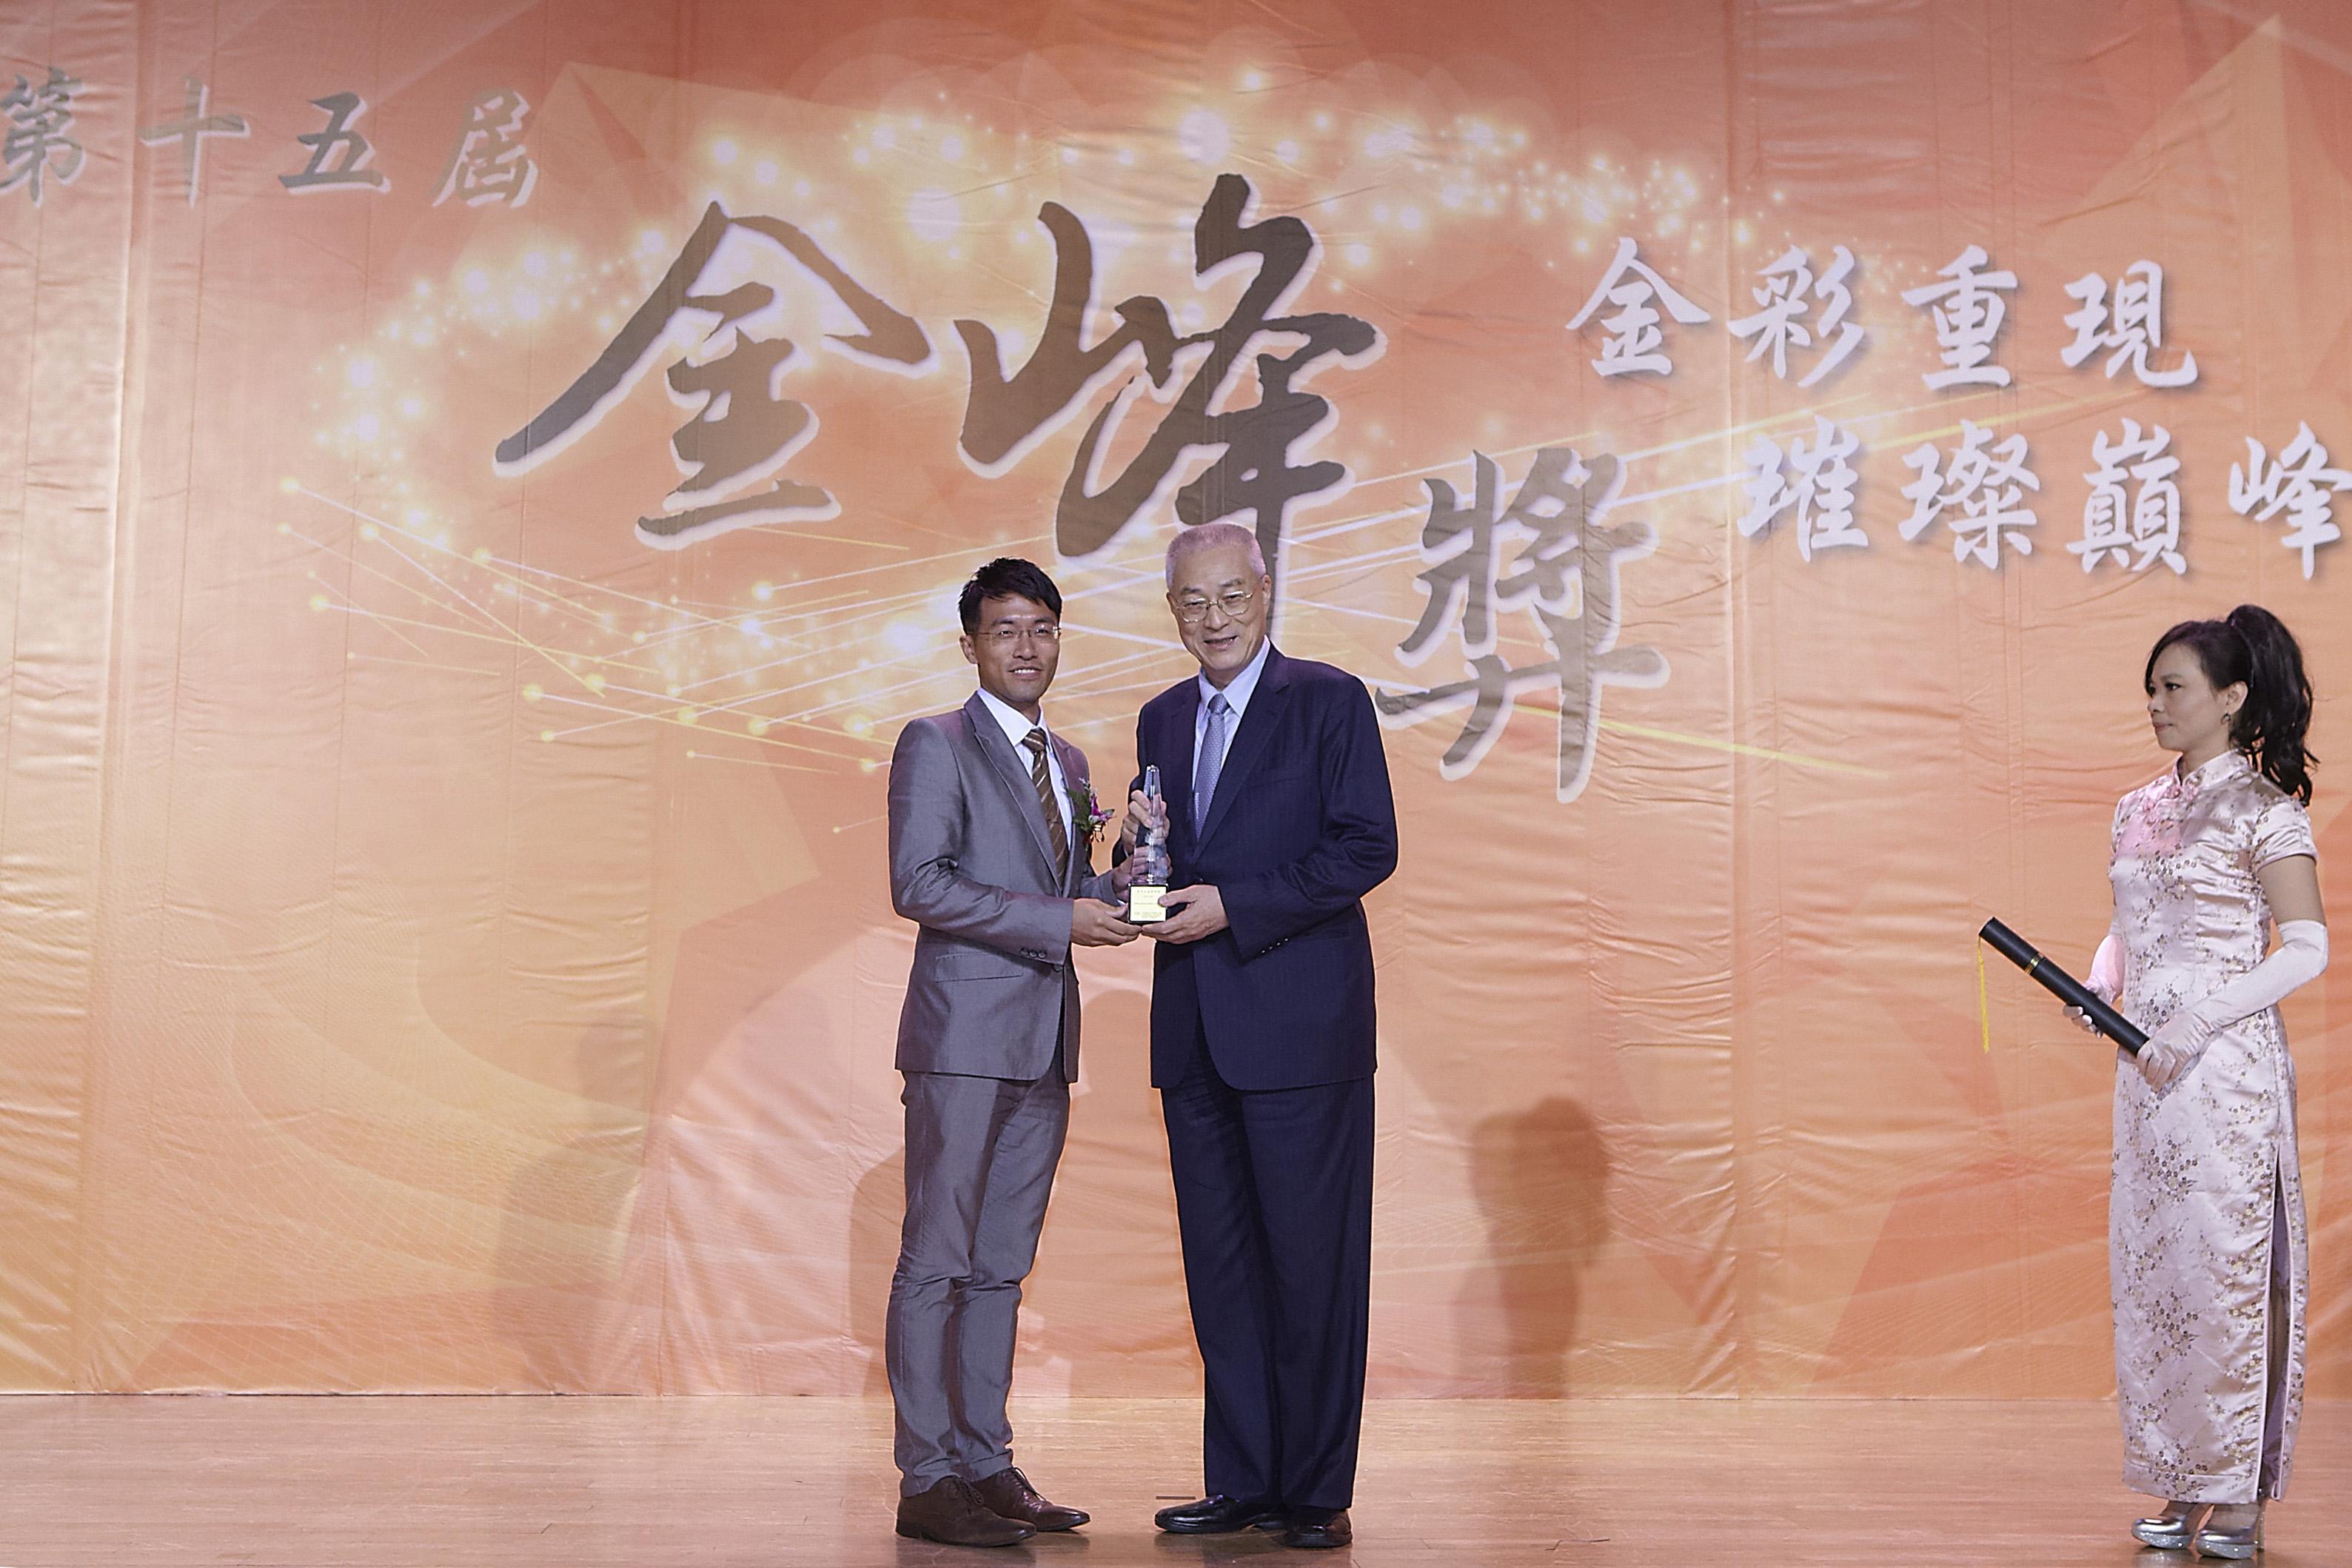 法博思陳偉志總監榮獲金峰獎並與吳敦義副總統合照